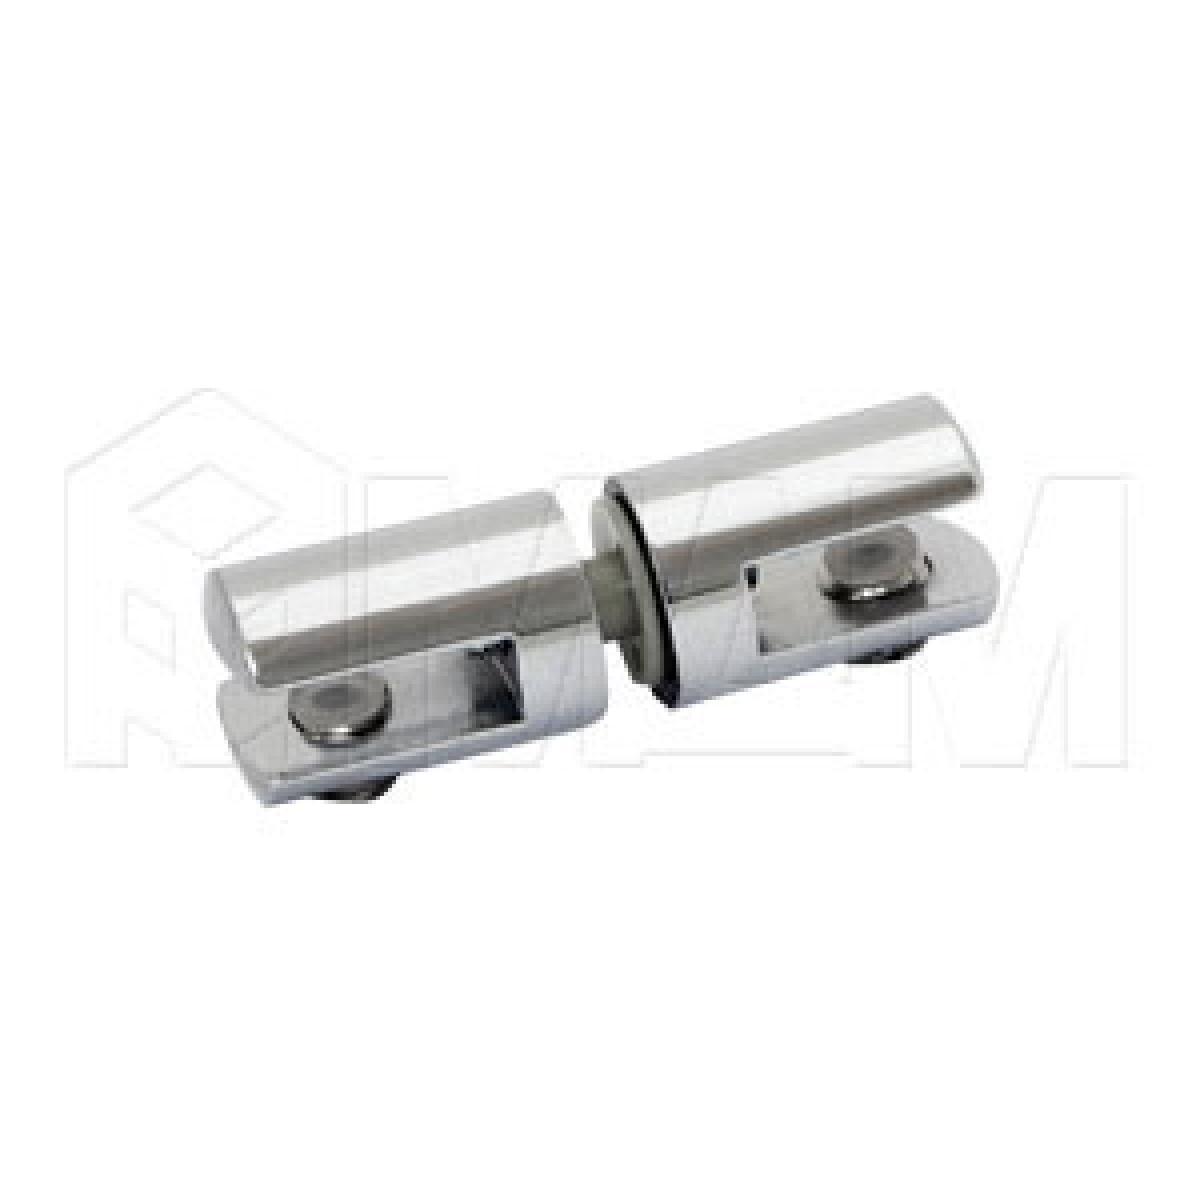 Полкодержатели - Полкодержатель для стекла 5-6 мм двухсторонний, хром